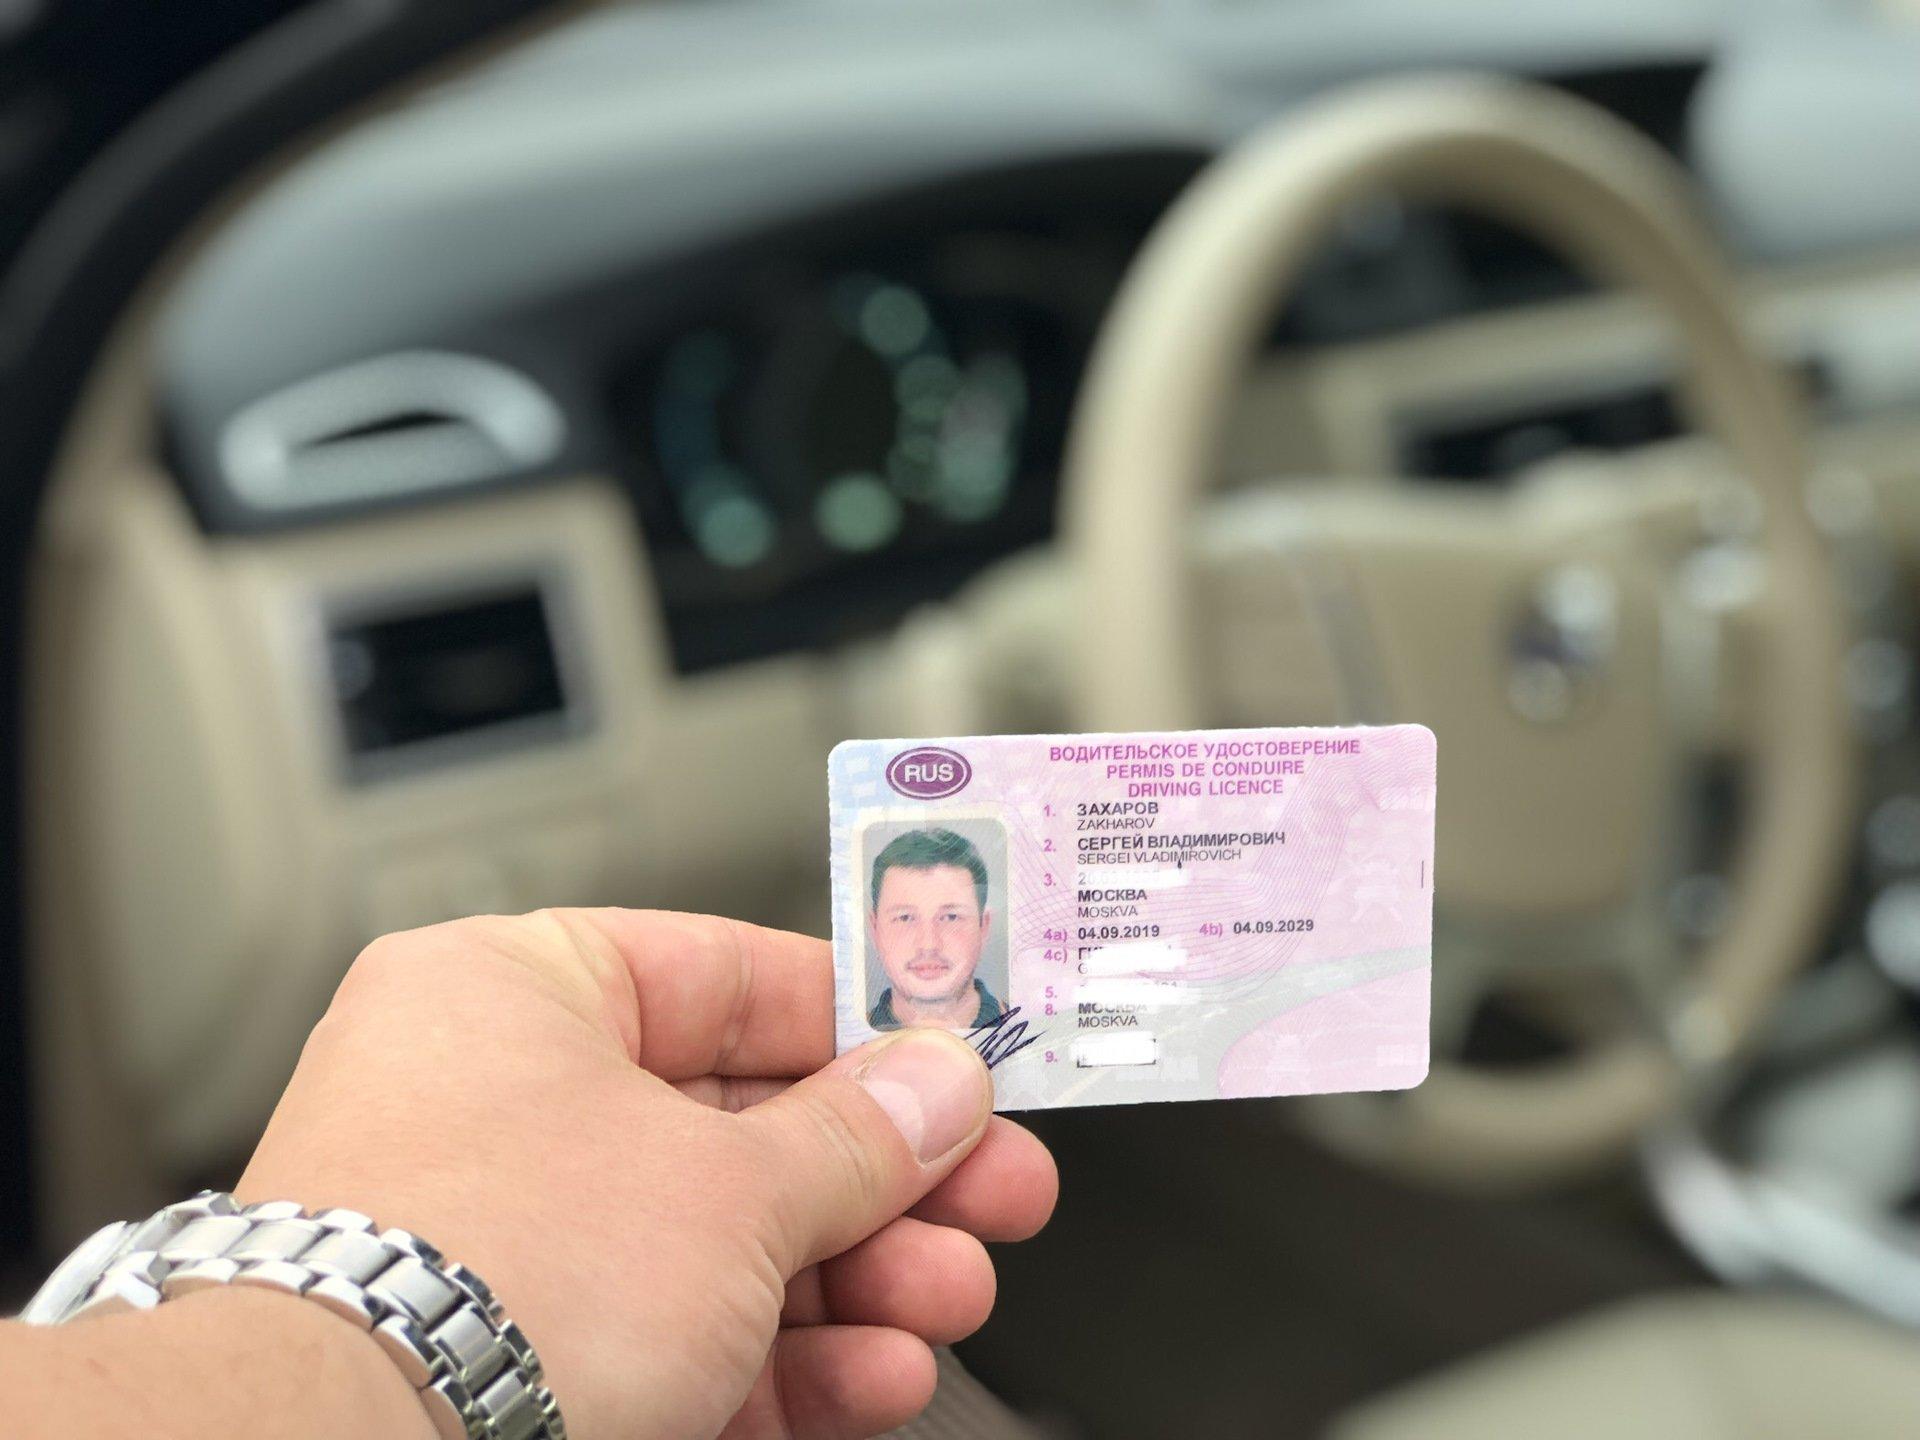 С декабря водители начнут получать права нового образца